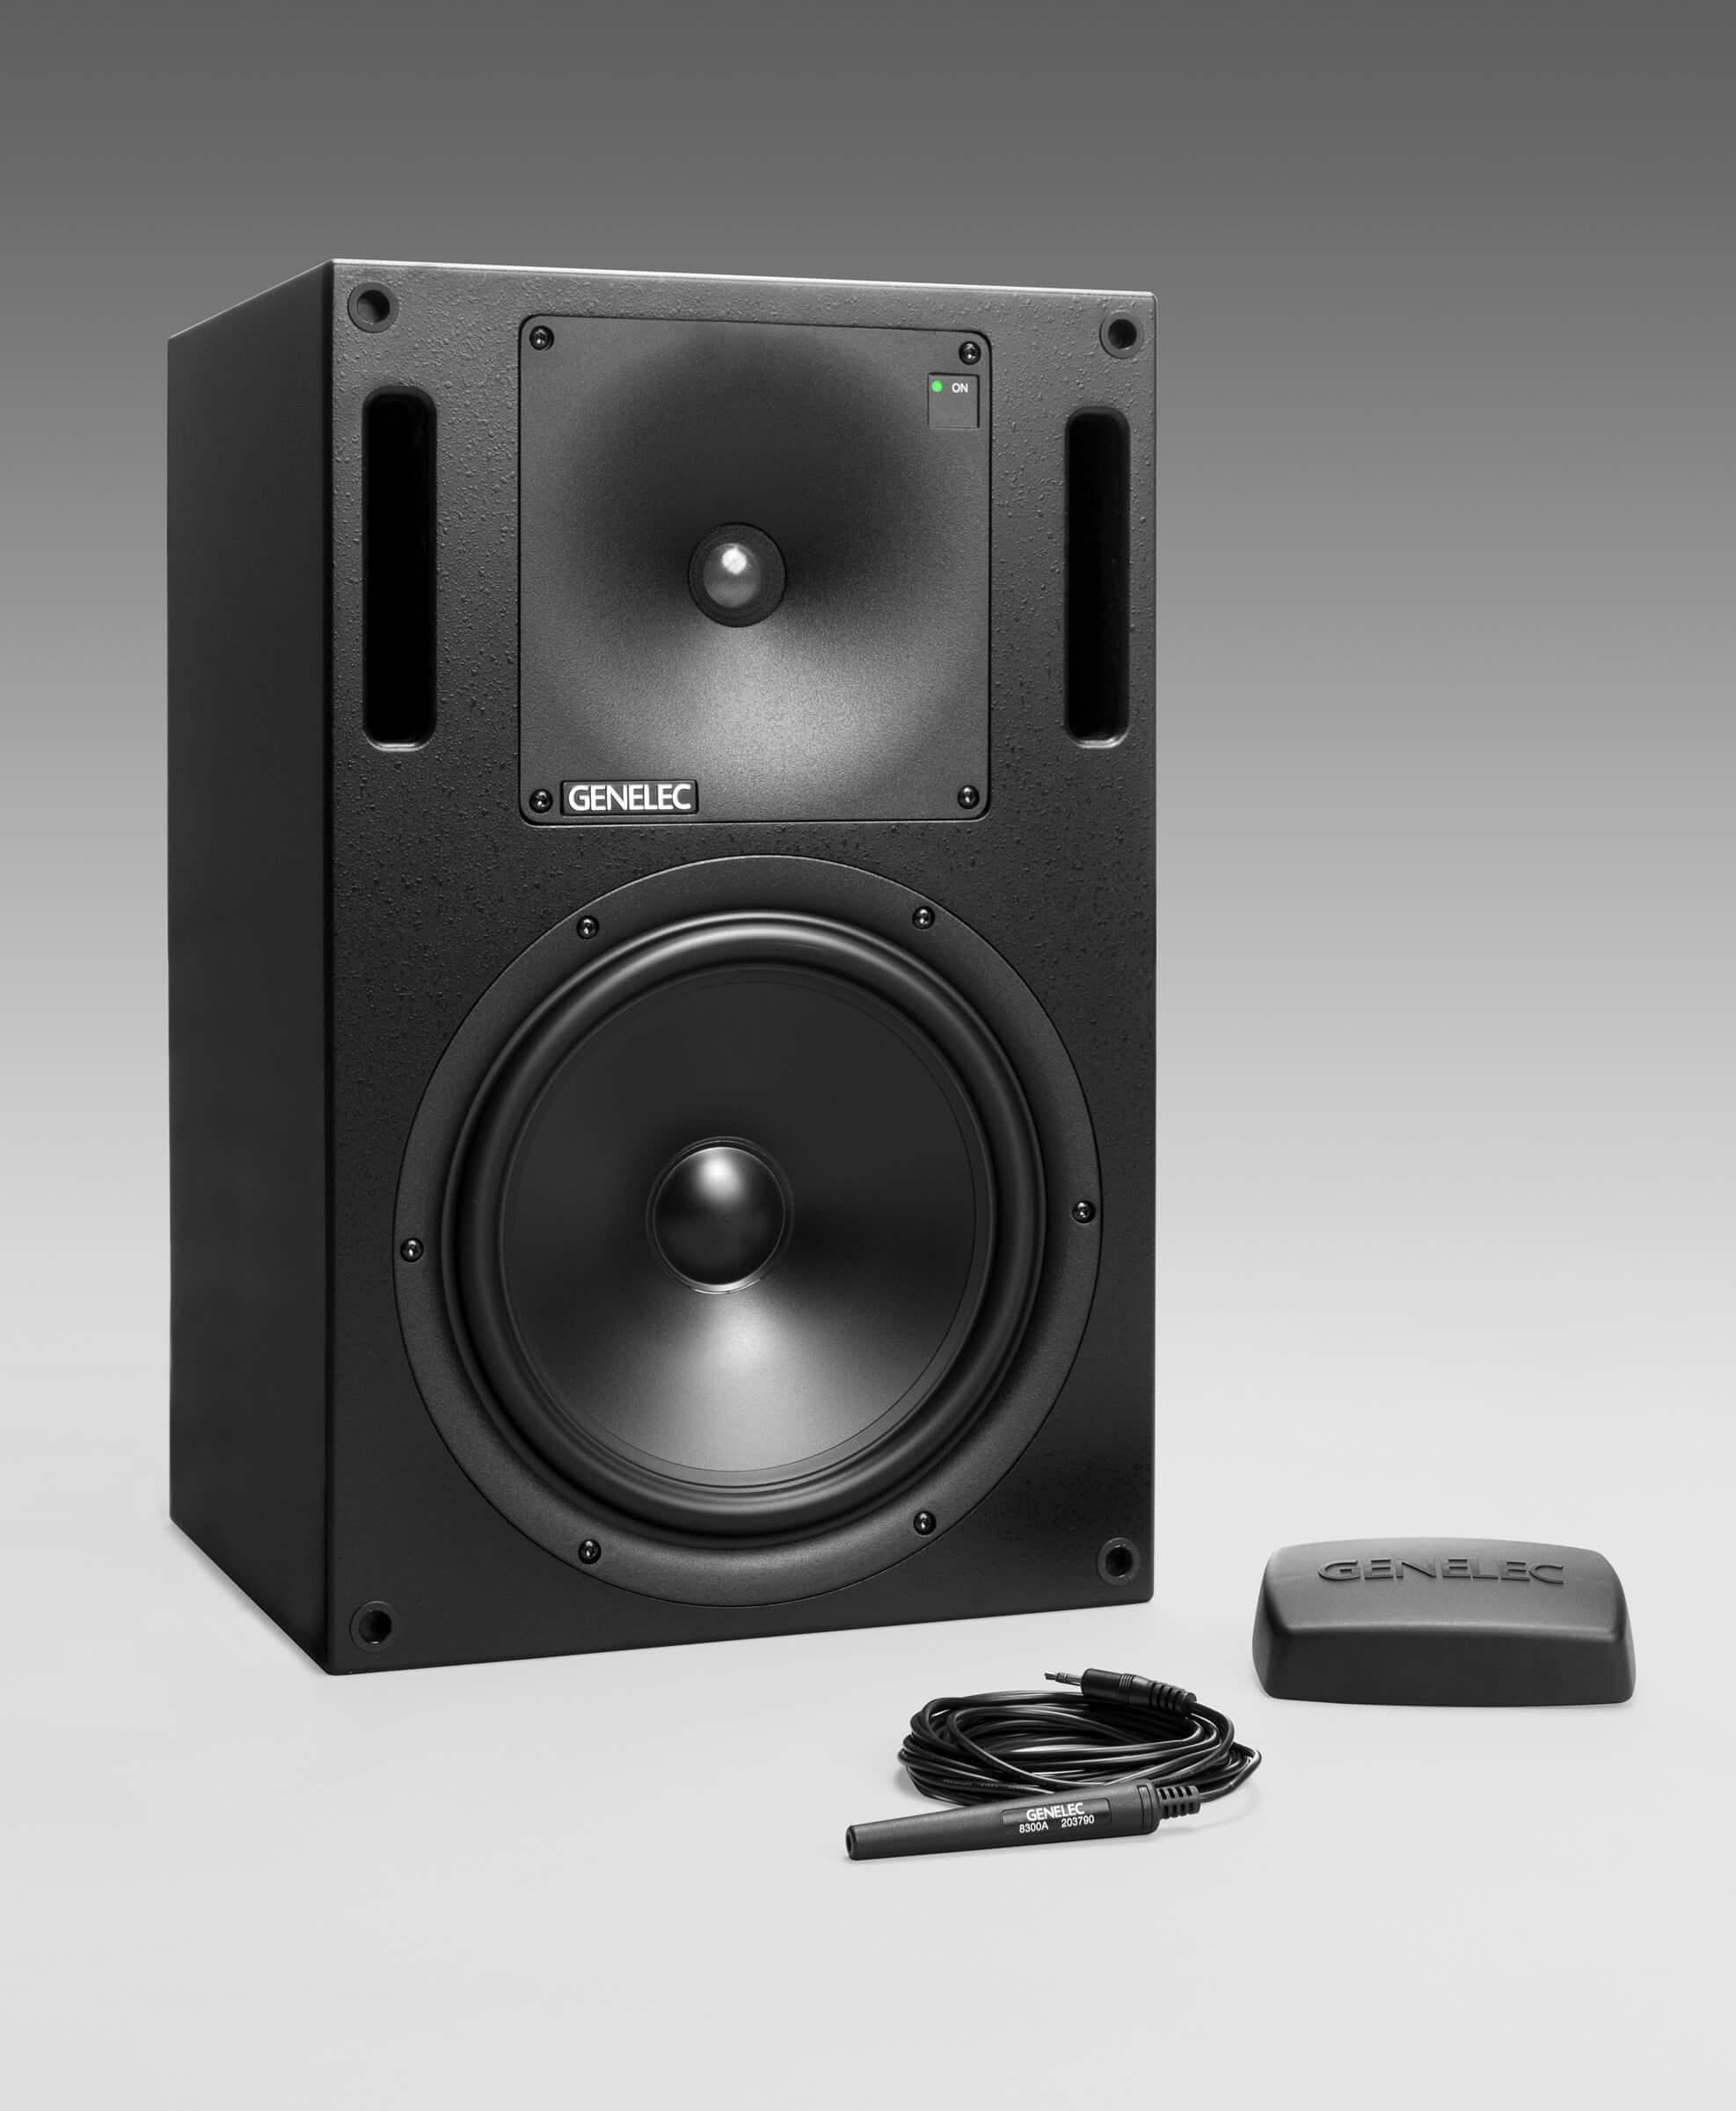 Genelec Studio Monitors : genelec 1032c fully fledged sam studio monitor introduced ~ Vivirlamusica.com Haus und Dekorationen